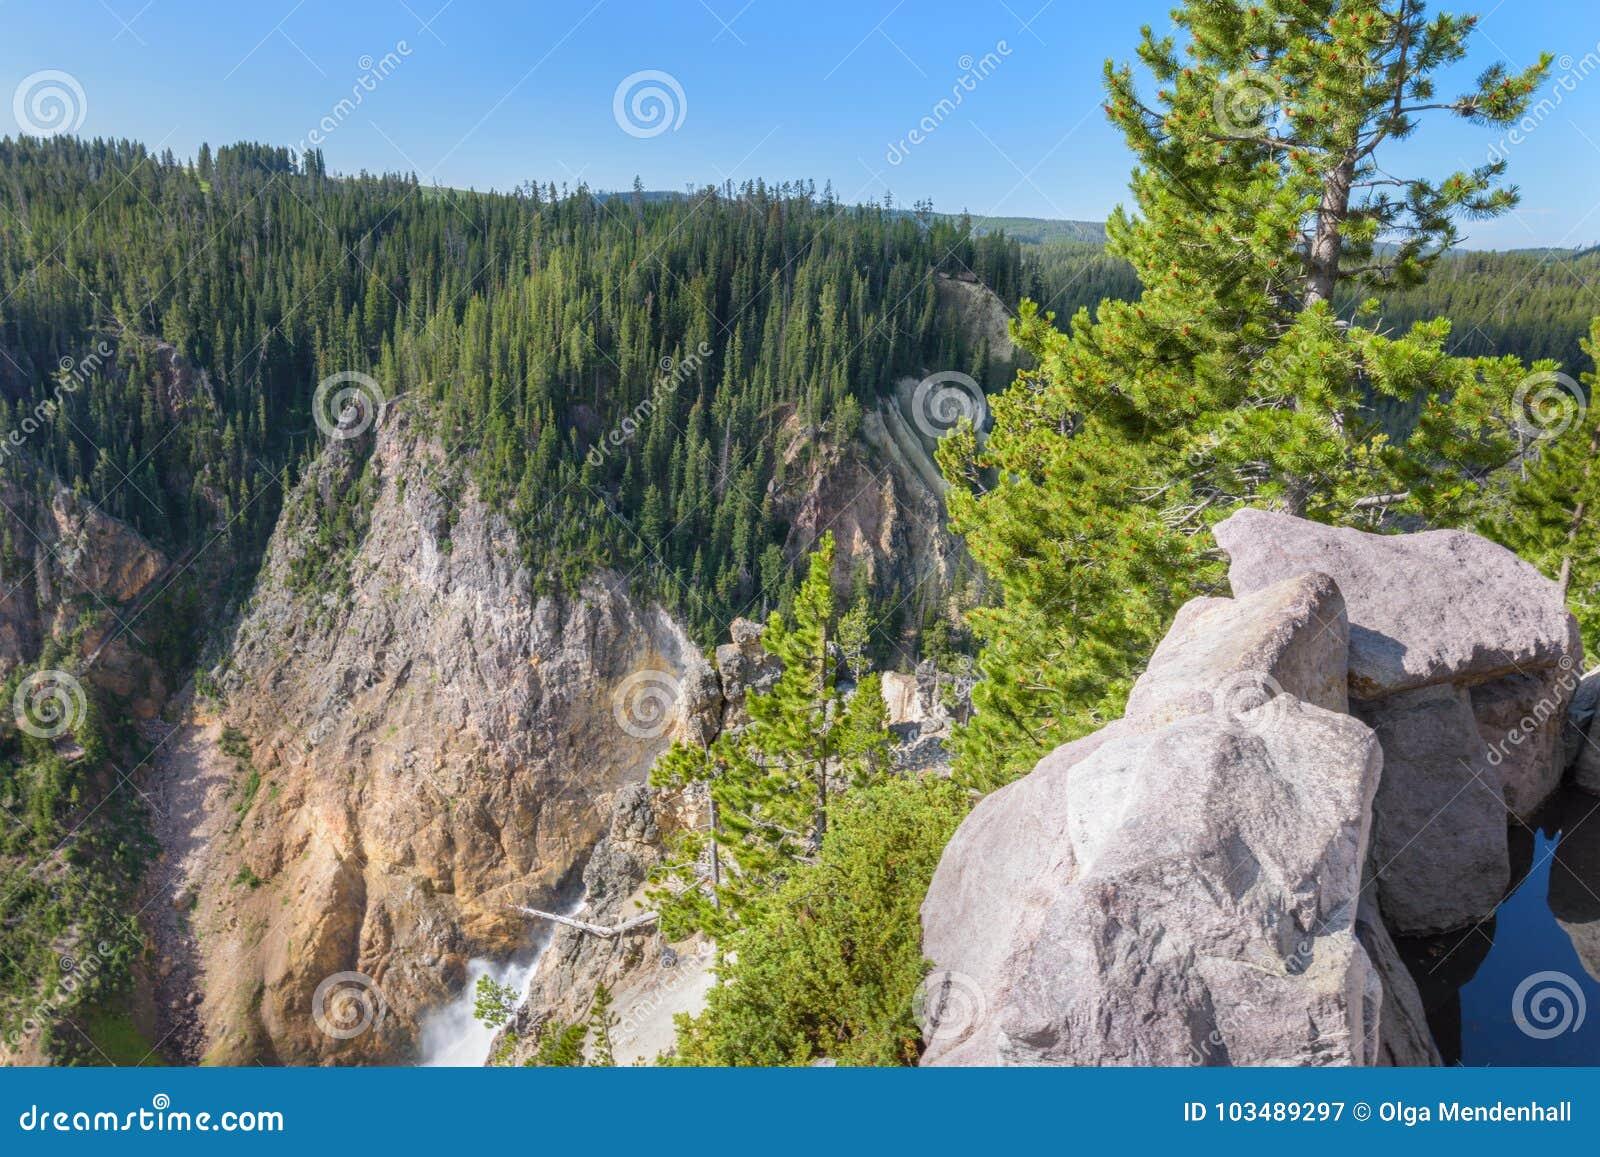 Yellowstone mountain Lower falls waterfall landscape, Wyoming USA